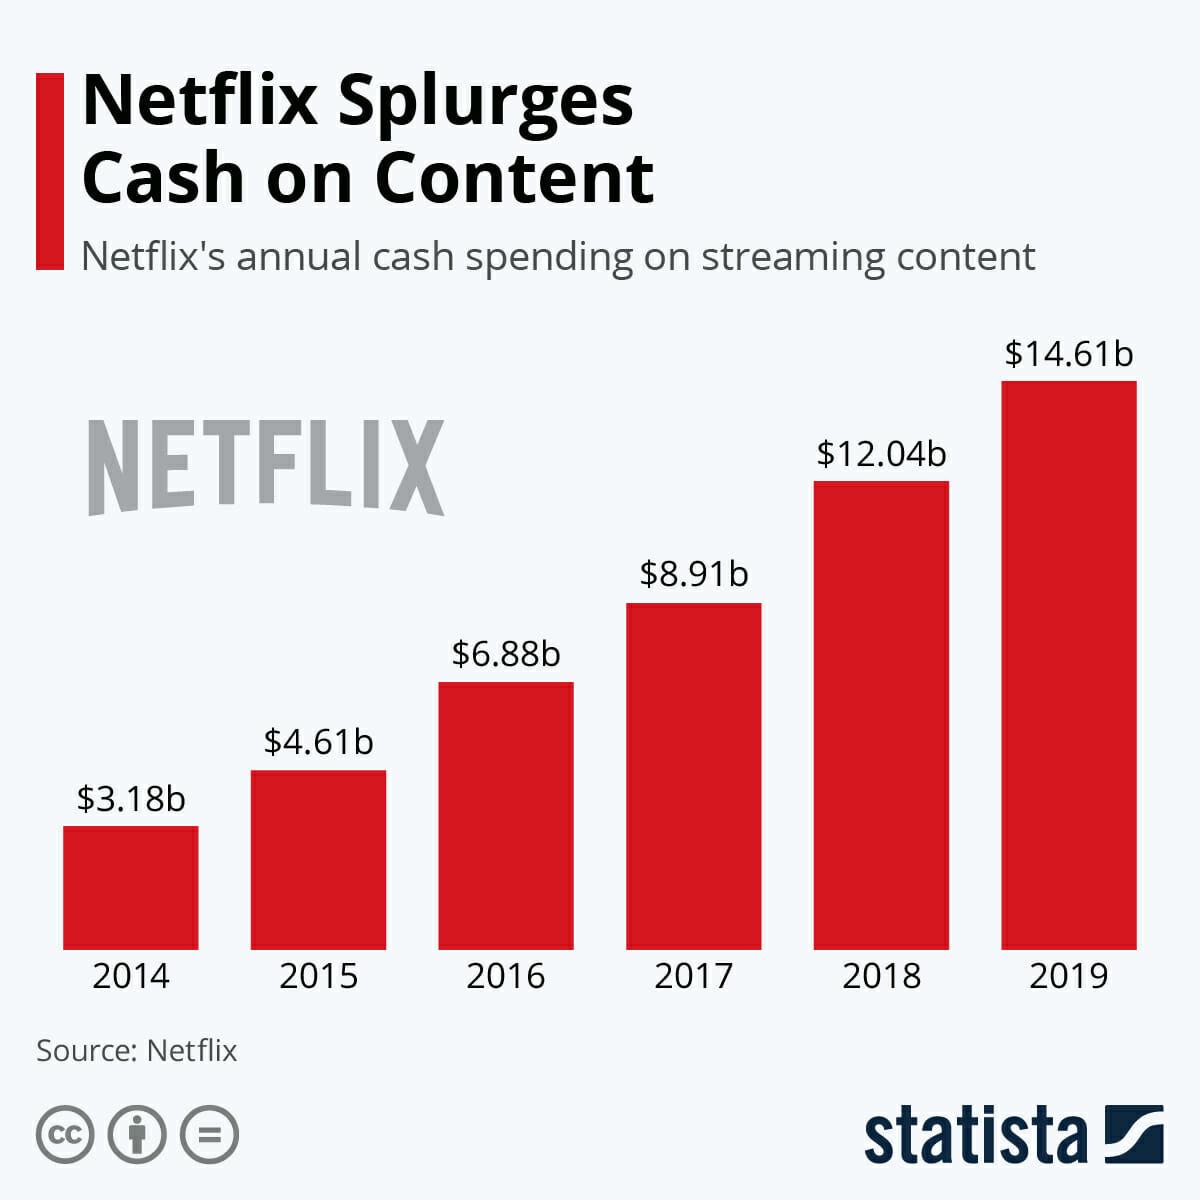 Netflix splurges cash on content